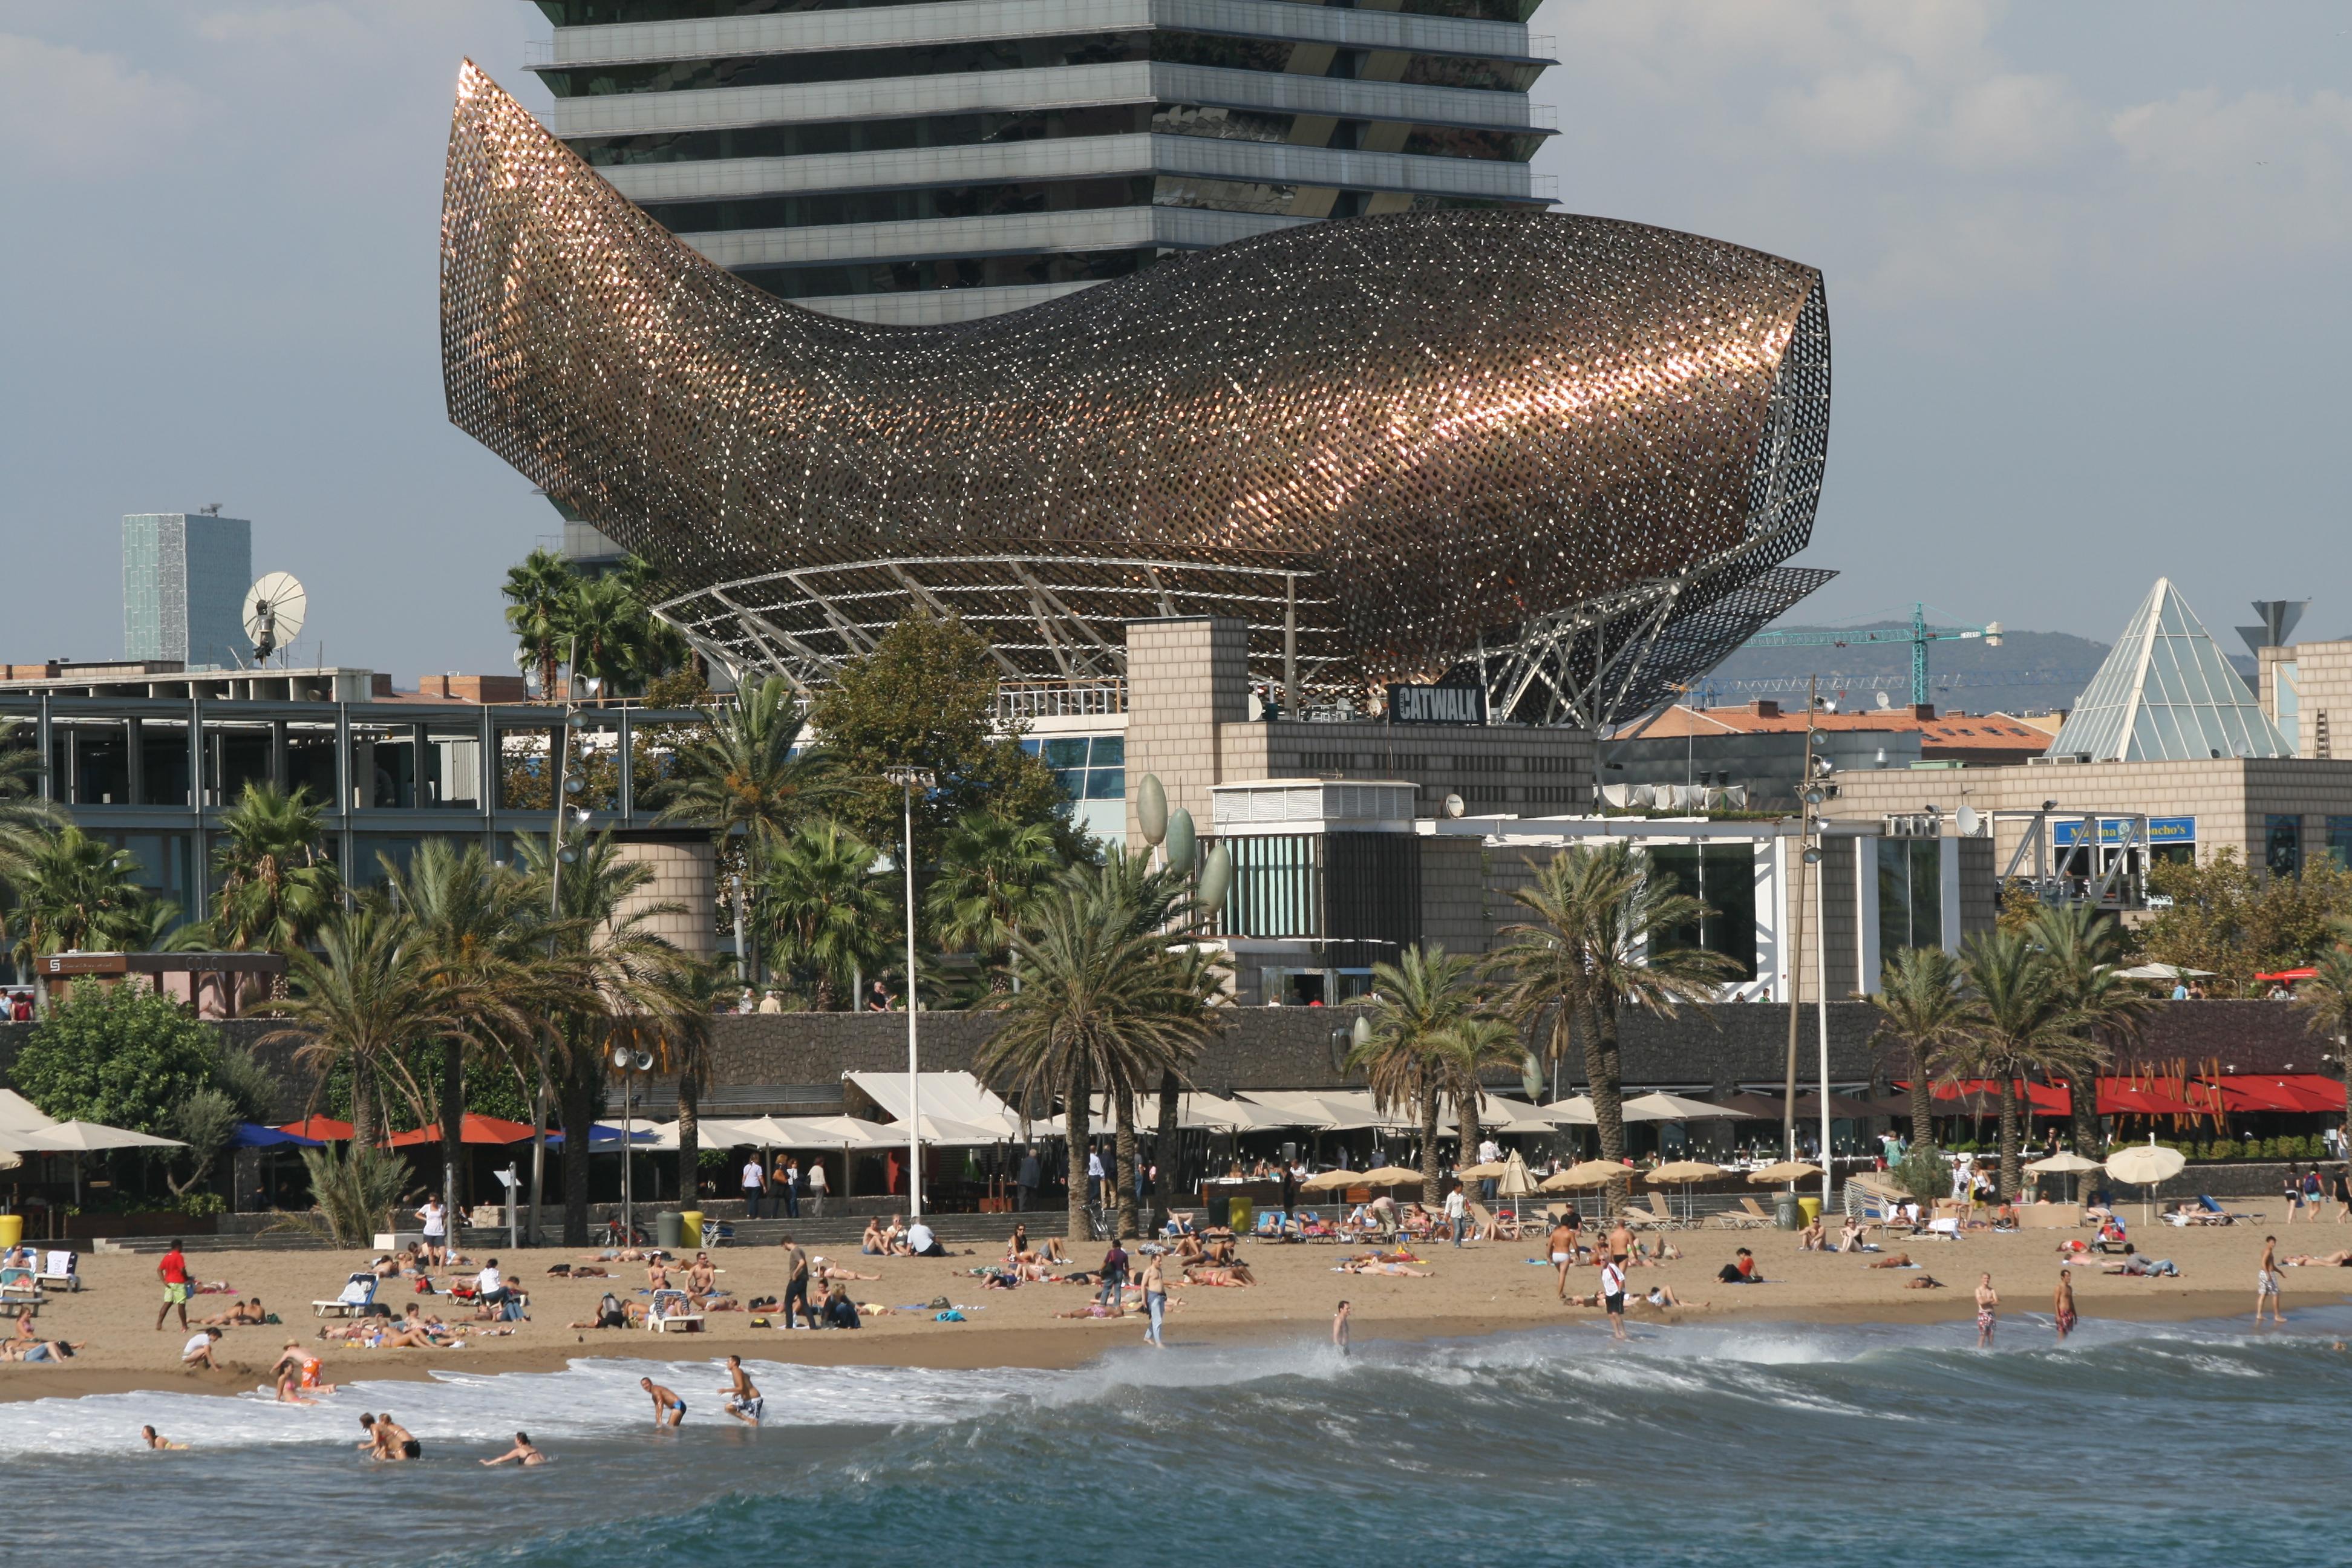 La Villa Olimpica del Poblenou | Barrios of Barcelona